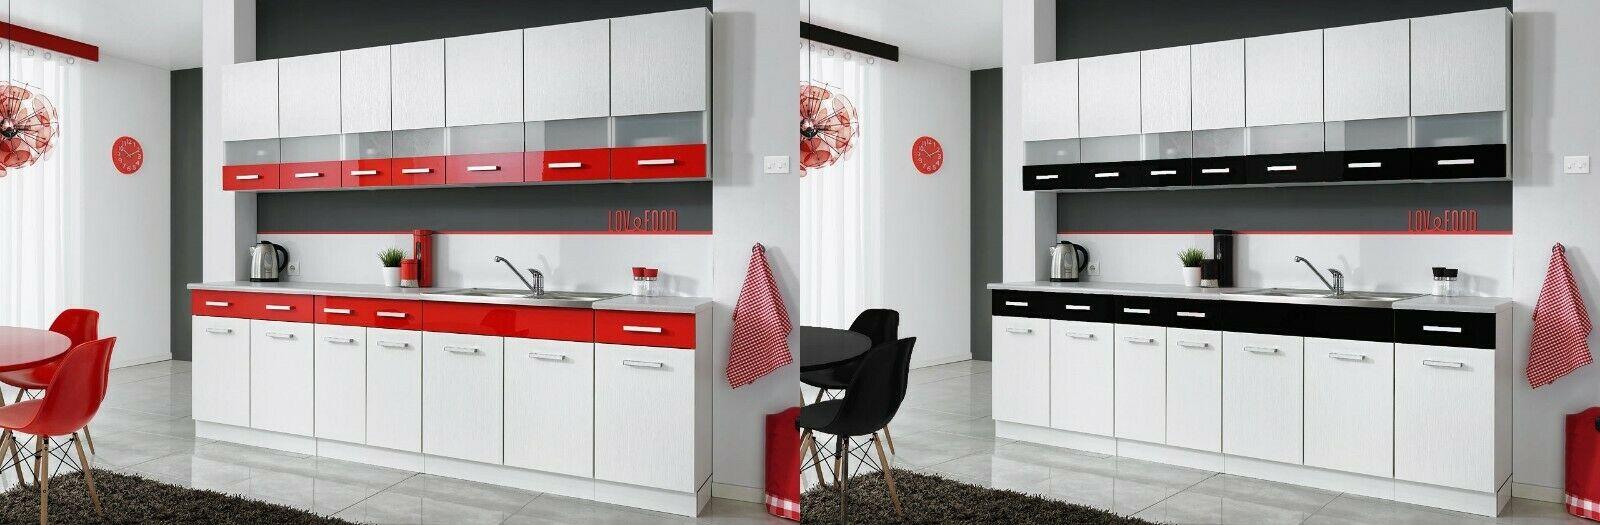 Full Size of Cocoon Modulküche Kchen Mehr Als 10000 Angebote Ikea Holz Wohnzimmer Cocoon Modulküche